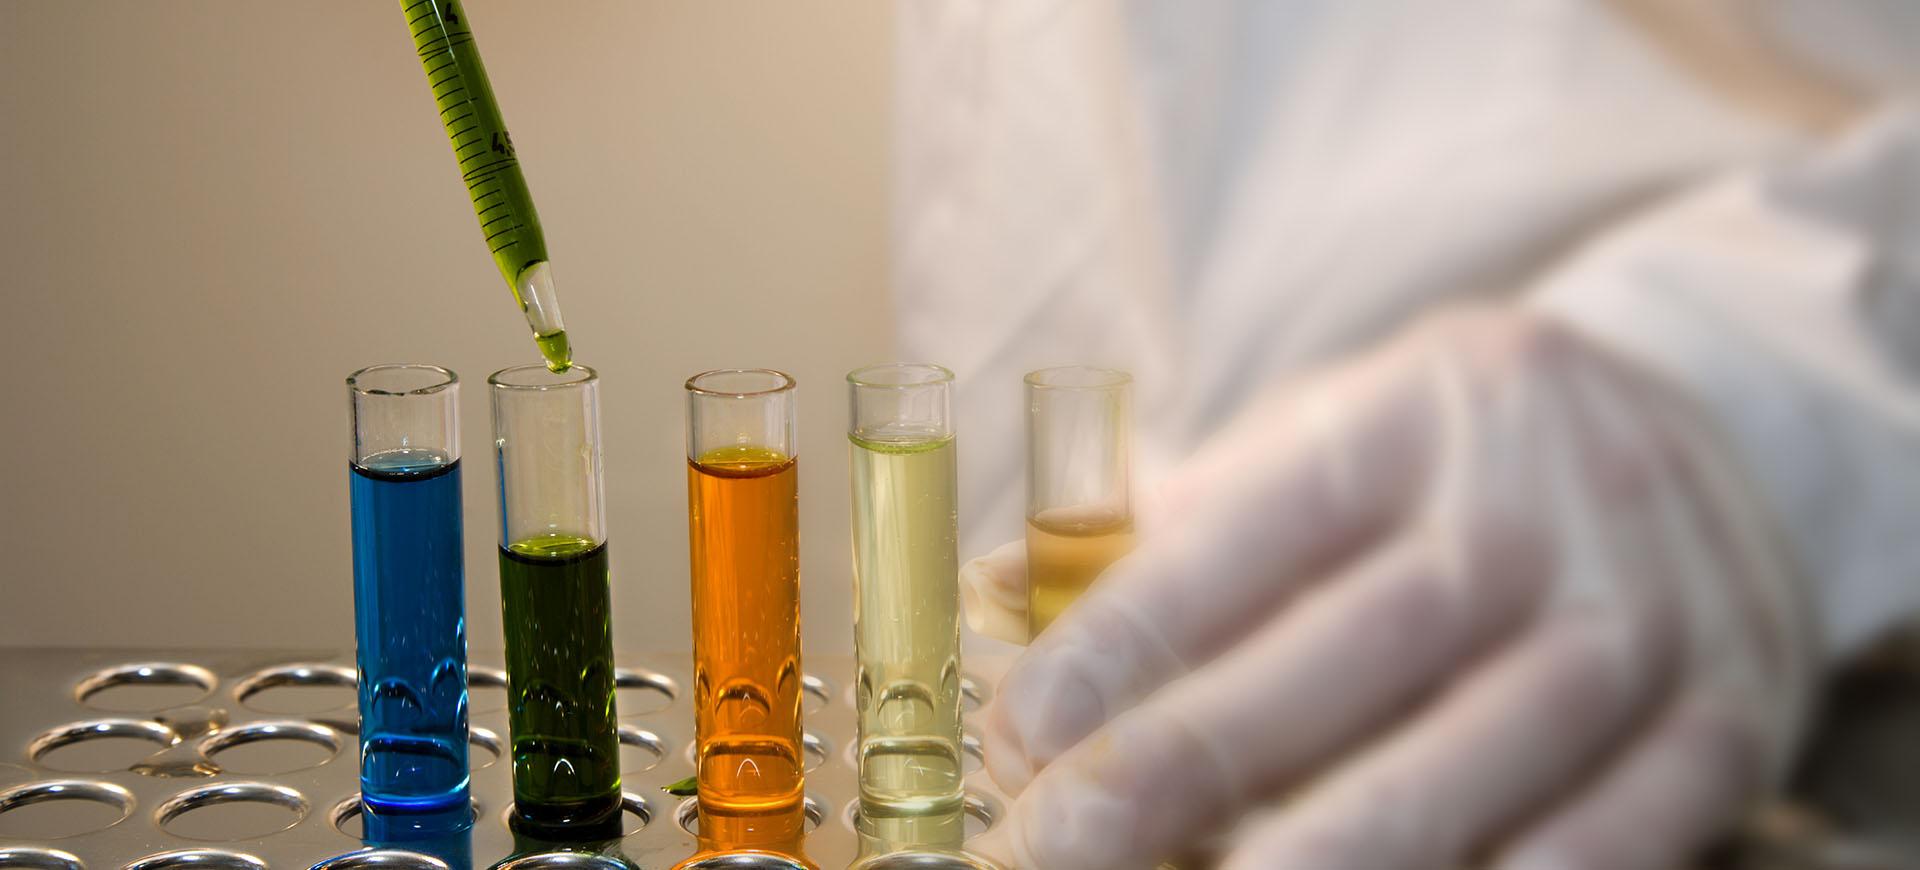 专业提供检测技术和服务的第三方检测机构